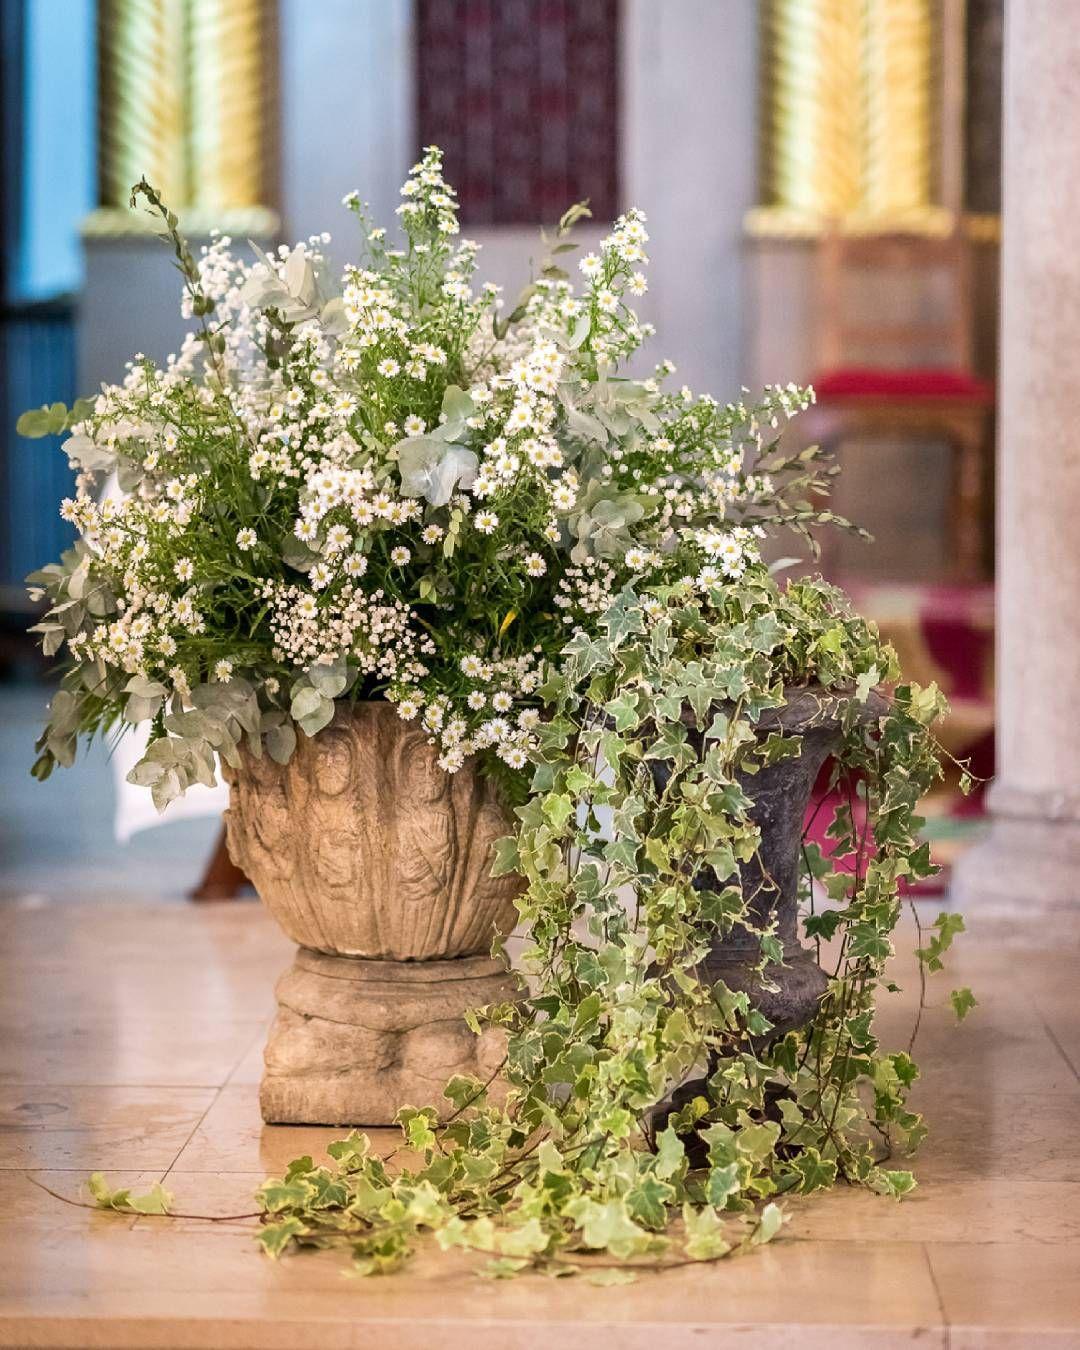 La decoración del interior de la iglesia fue en blanco y verde.Llenamos jarrones nuestros y también varios de piedra que están fijos en el altar con aster, paniculata, alstroemerias...que son flores que nos encantan para las bodas del verano. Texto @emmabaizan  Foto @liven_ph  Más fotos en el blog. #elinvernaderooviedo